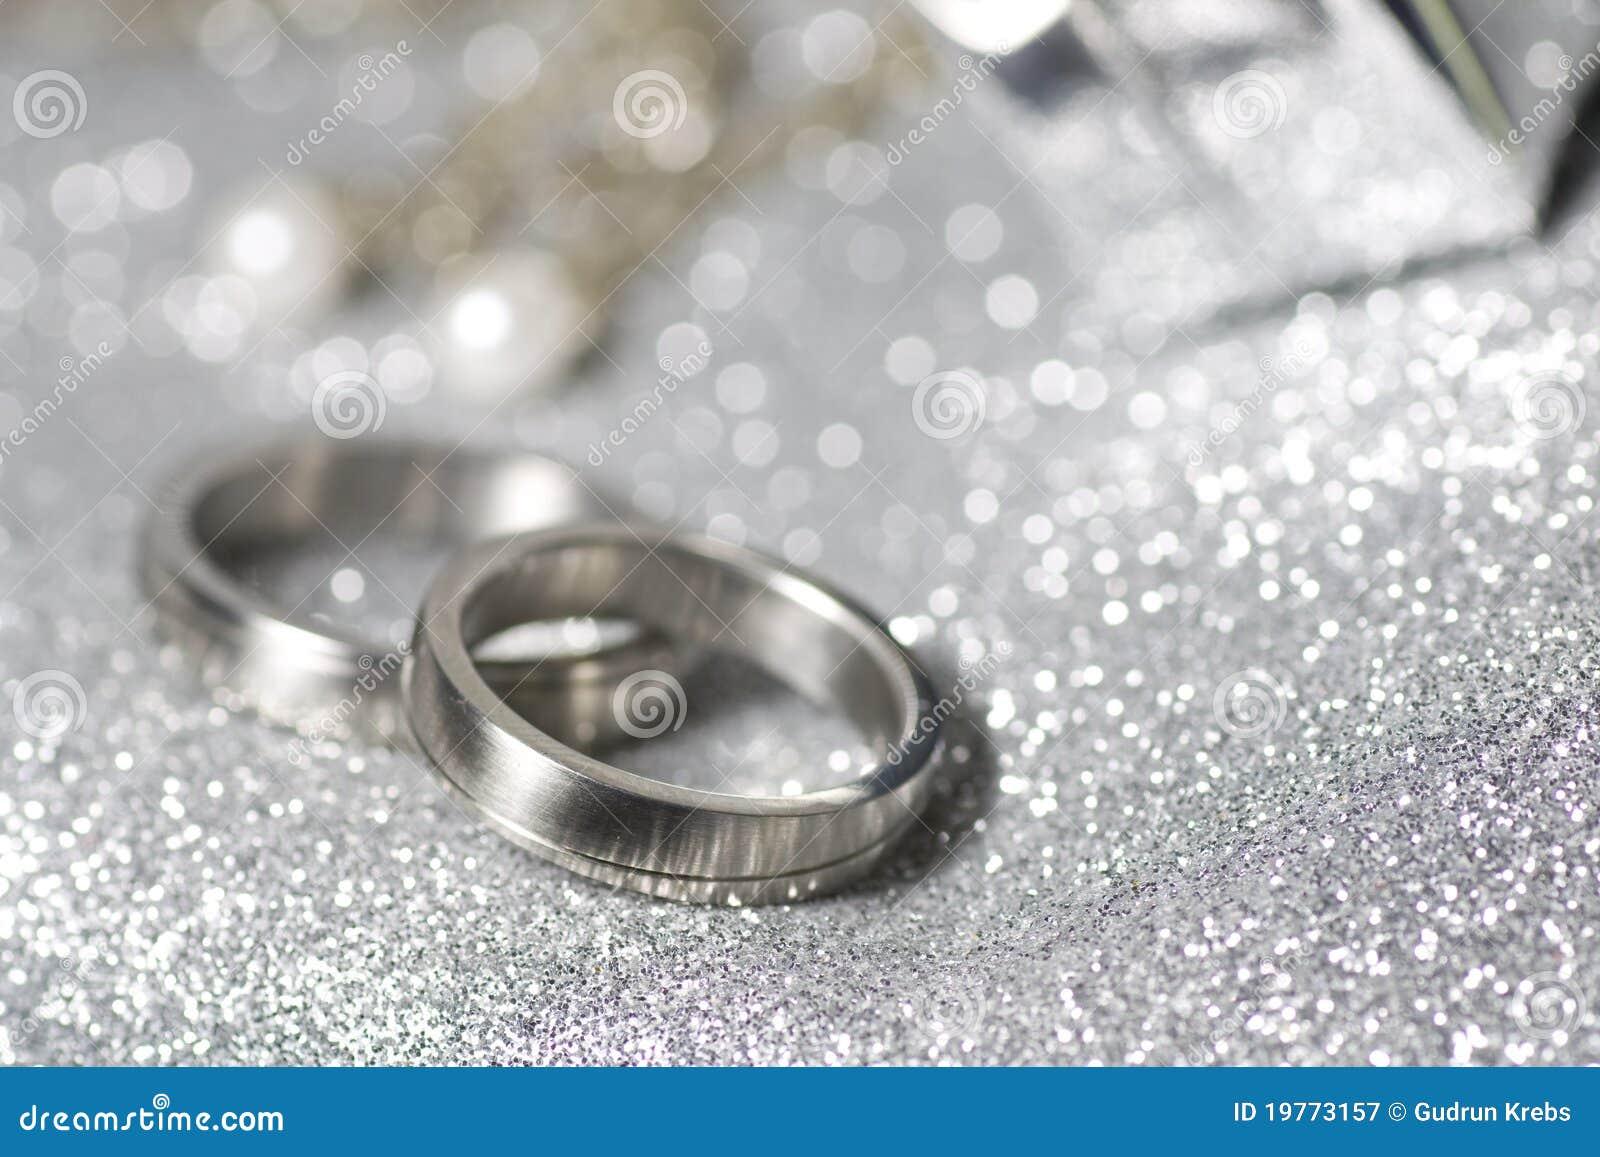 Hochzeitsringe Im Silber Lizenzfreie Stockfotografie - Bild: 19773157